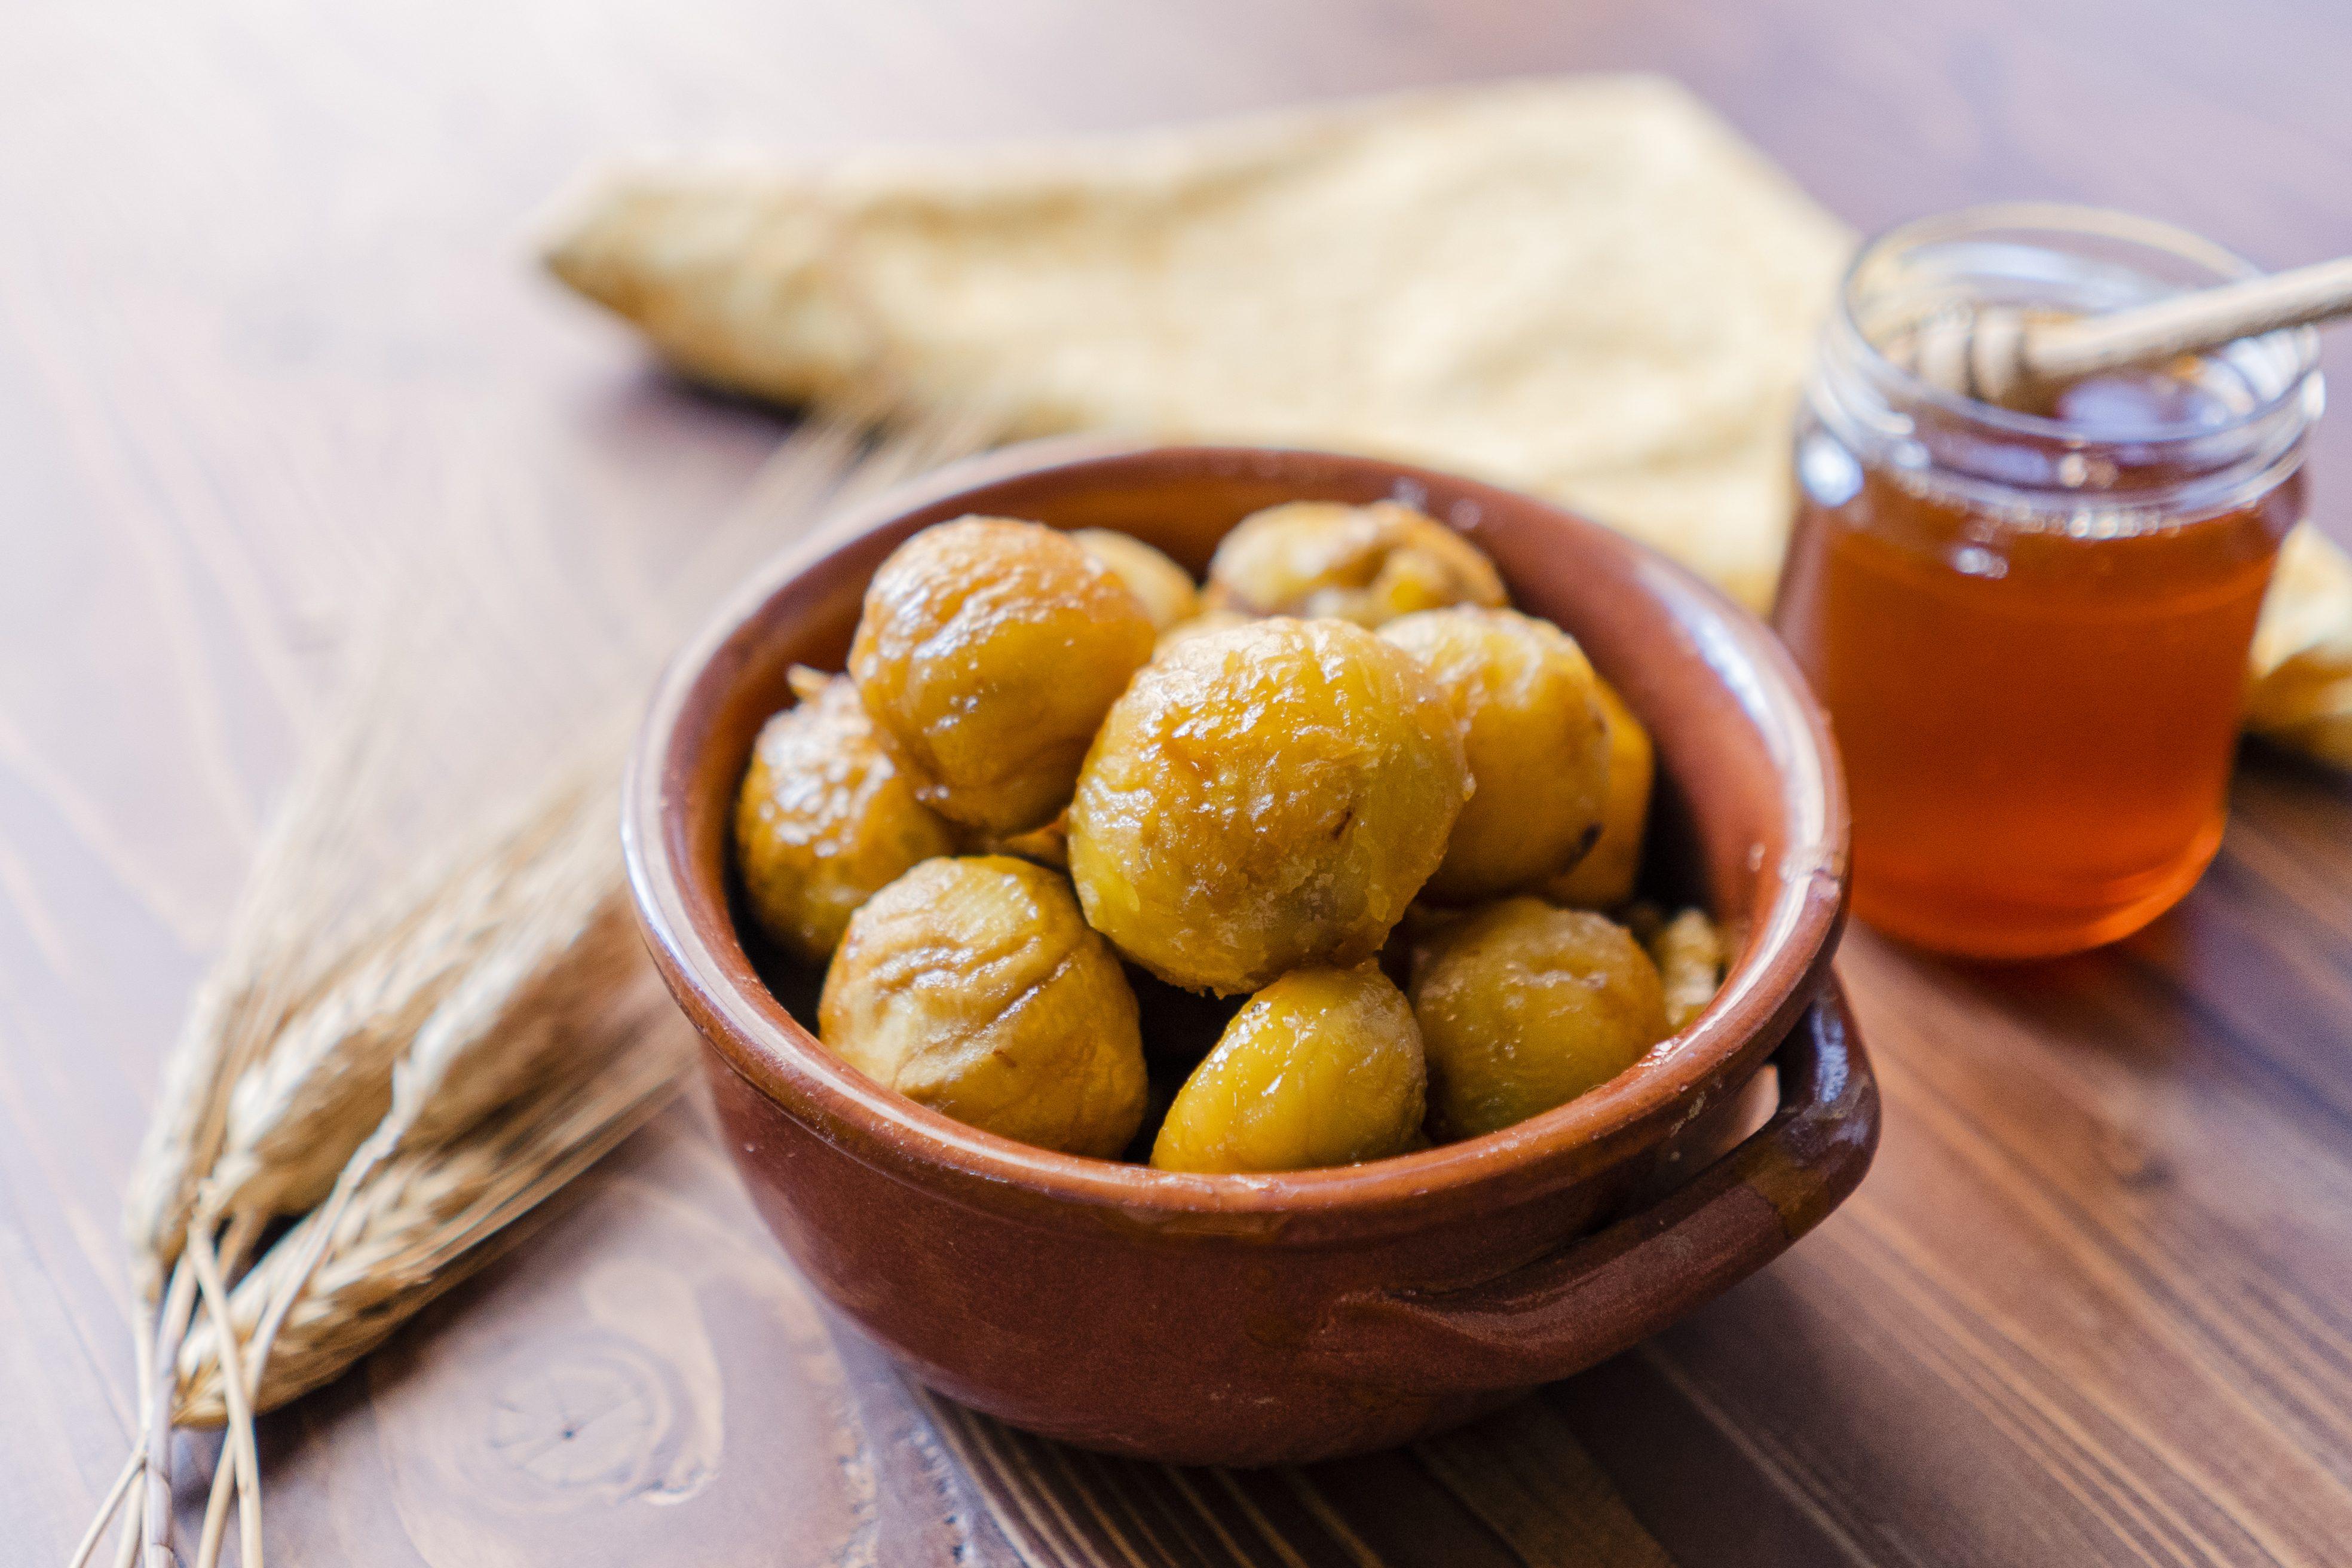 Castagne al miele: la ricetta semplice e golosa per conservare il frutto dell'autunno